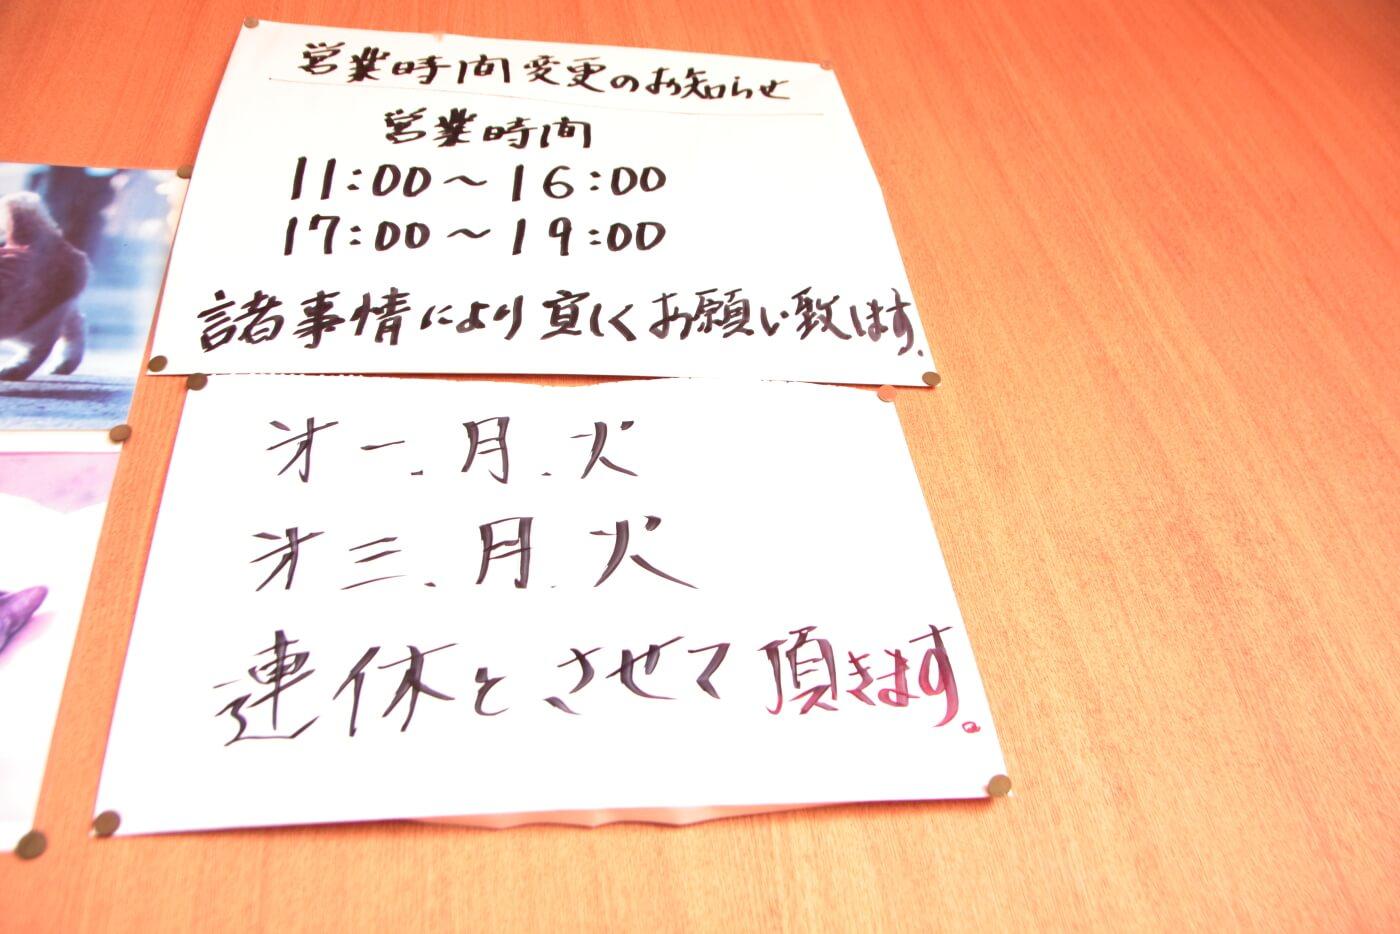 ラーメン家正蔵の営業時間と定休日